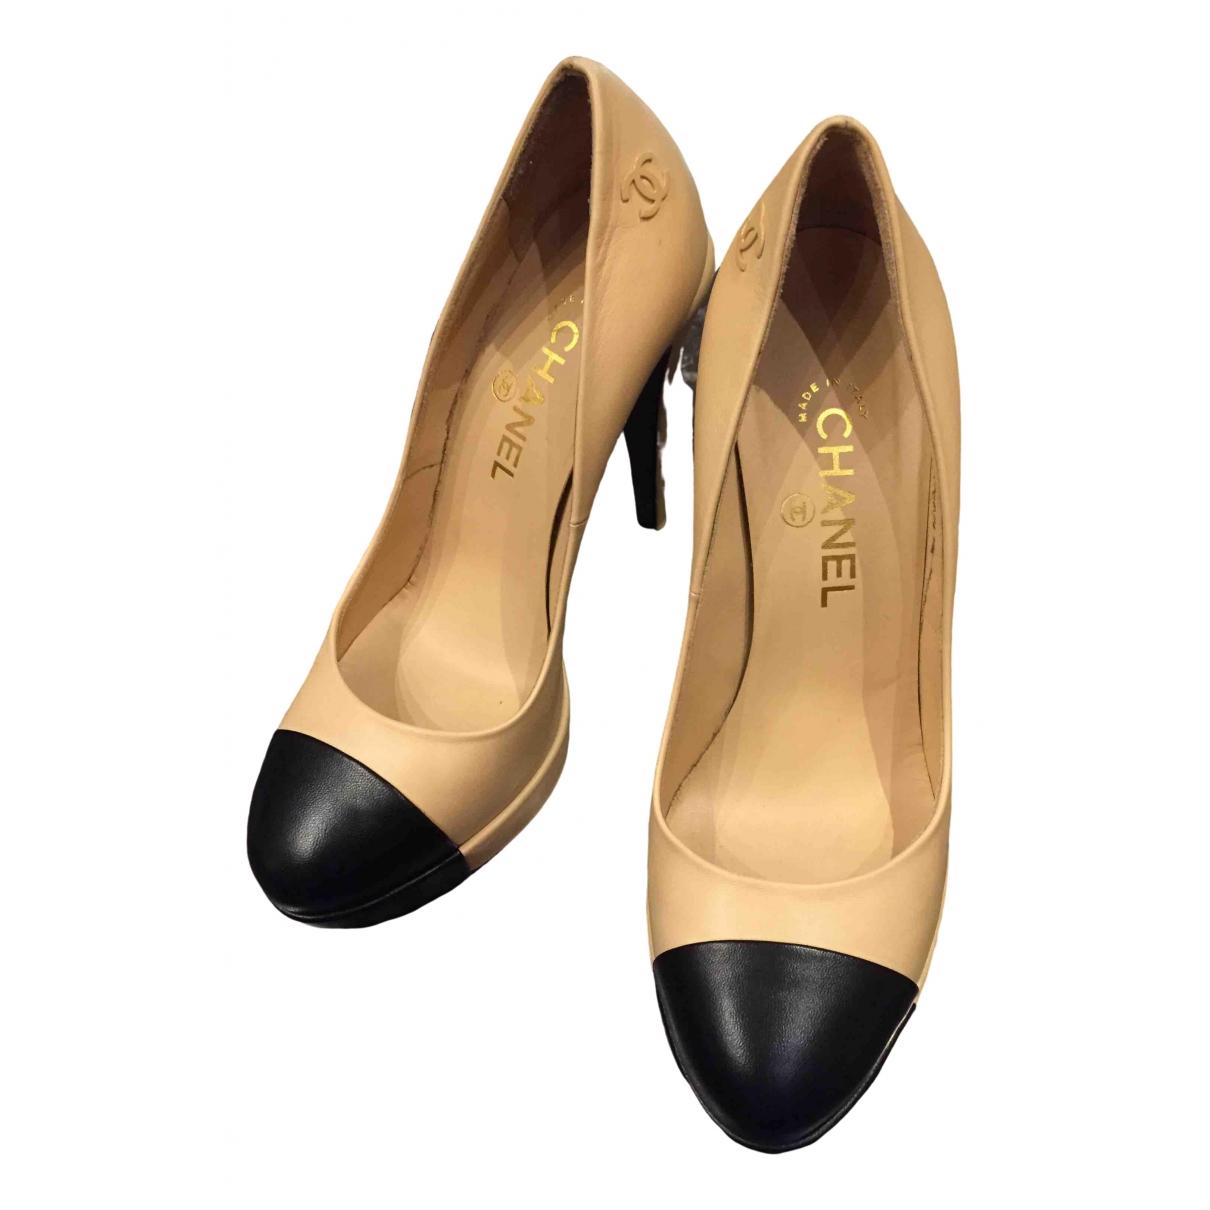 Chanel \N Beige Leather Heels for Women 38.5 EU